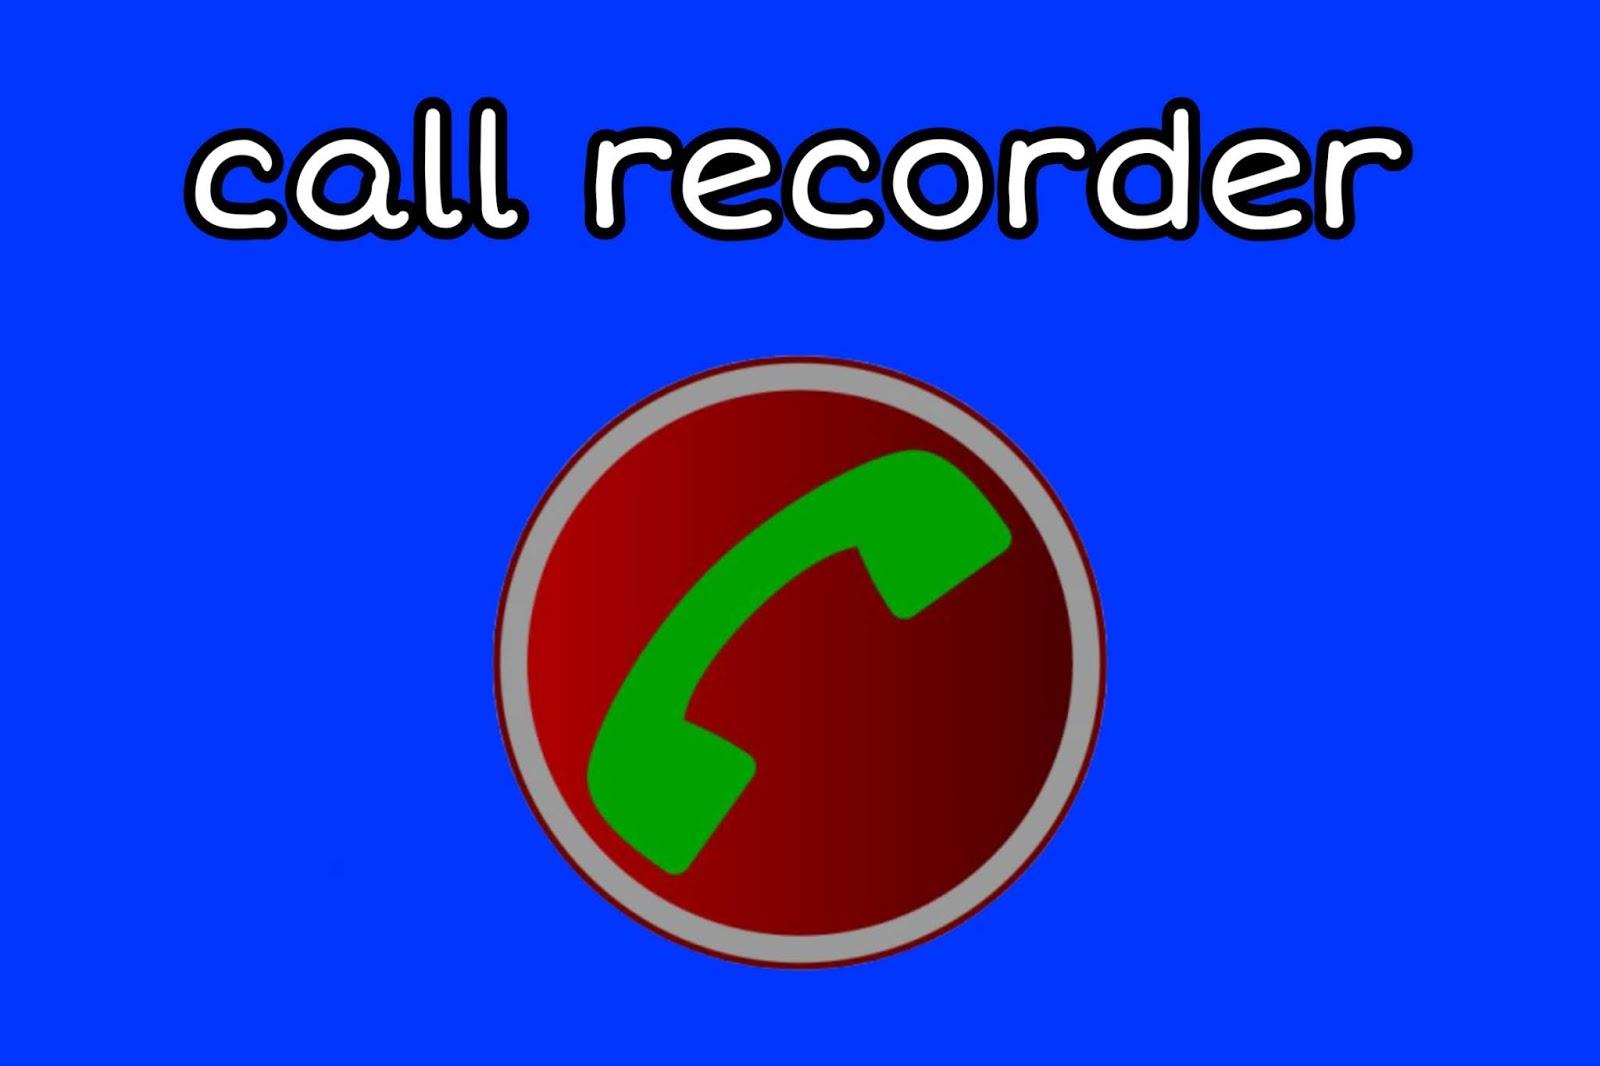 تسجيل مكالمات الهاتف